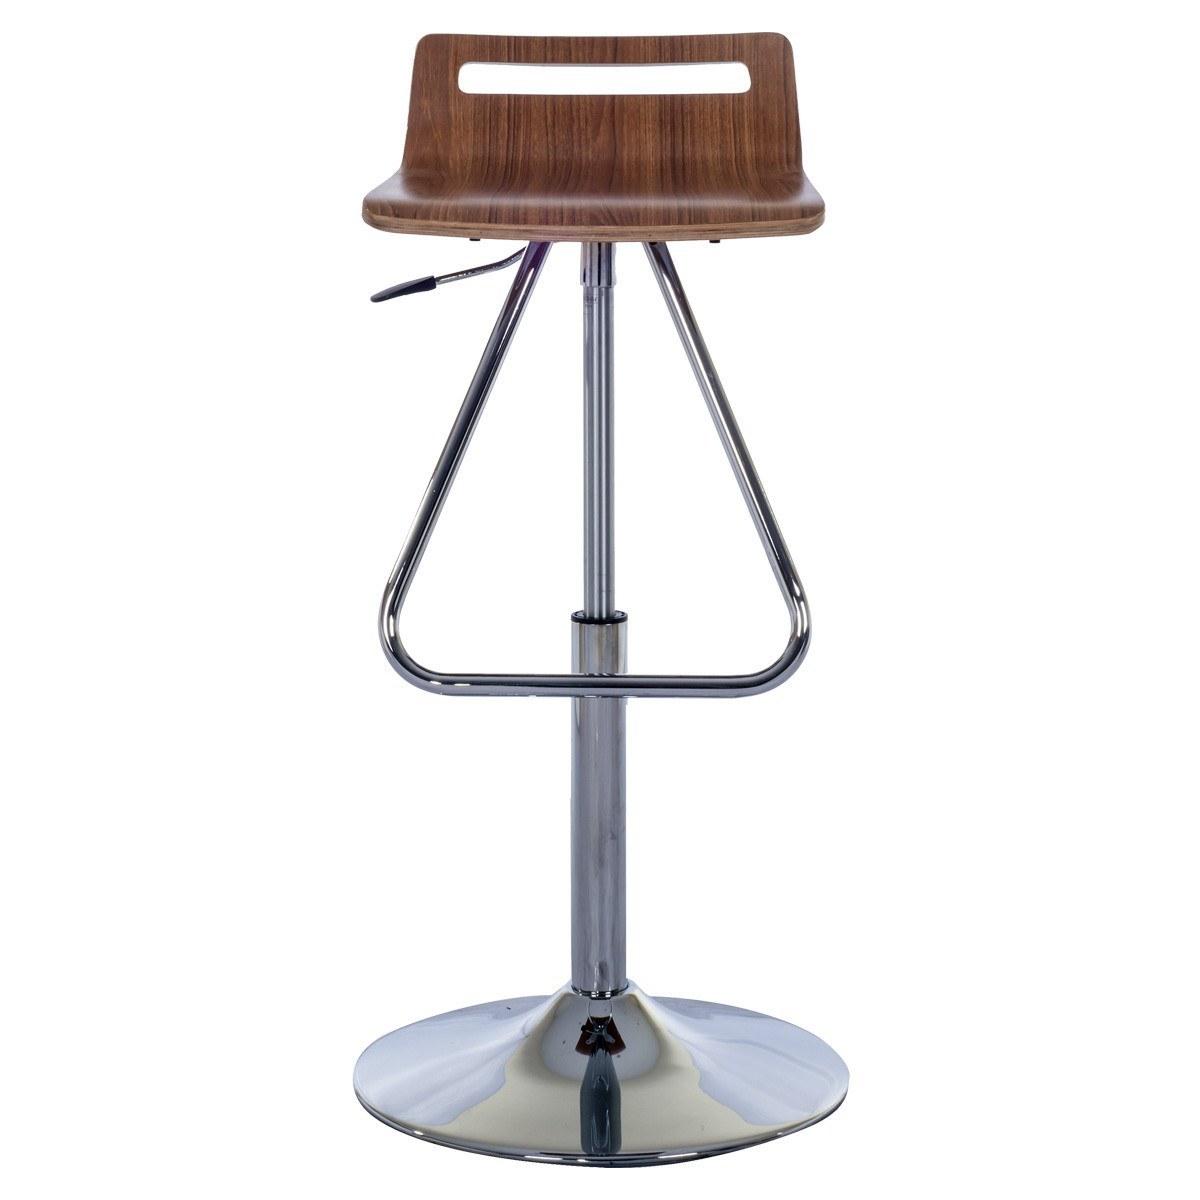 صندلی اپن نیلپر SB528 با روکش چوب